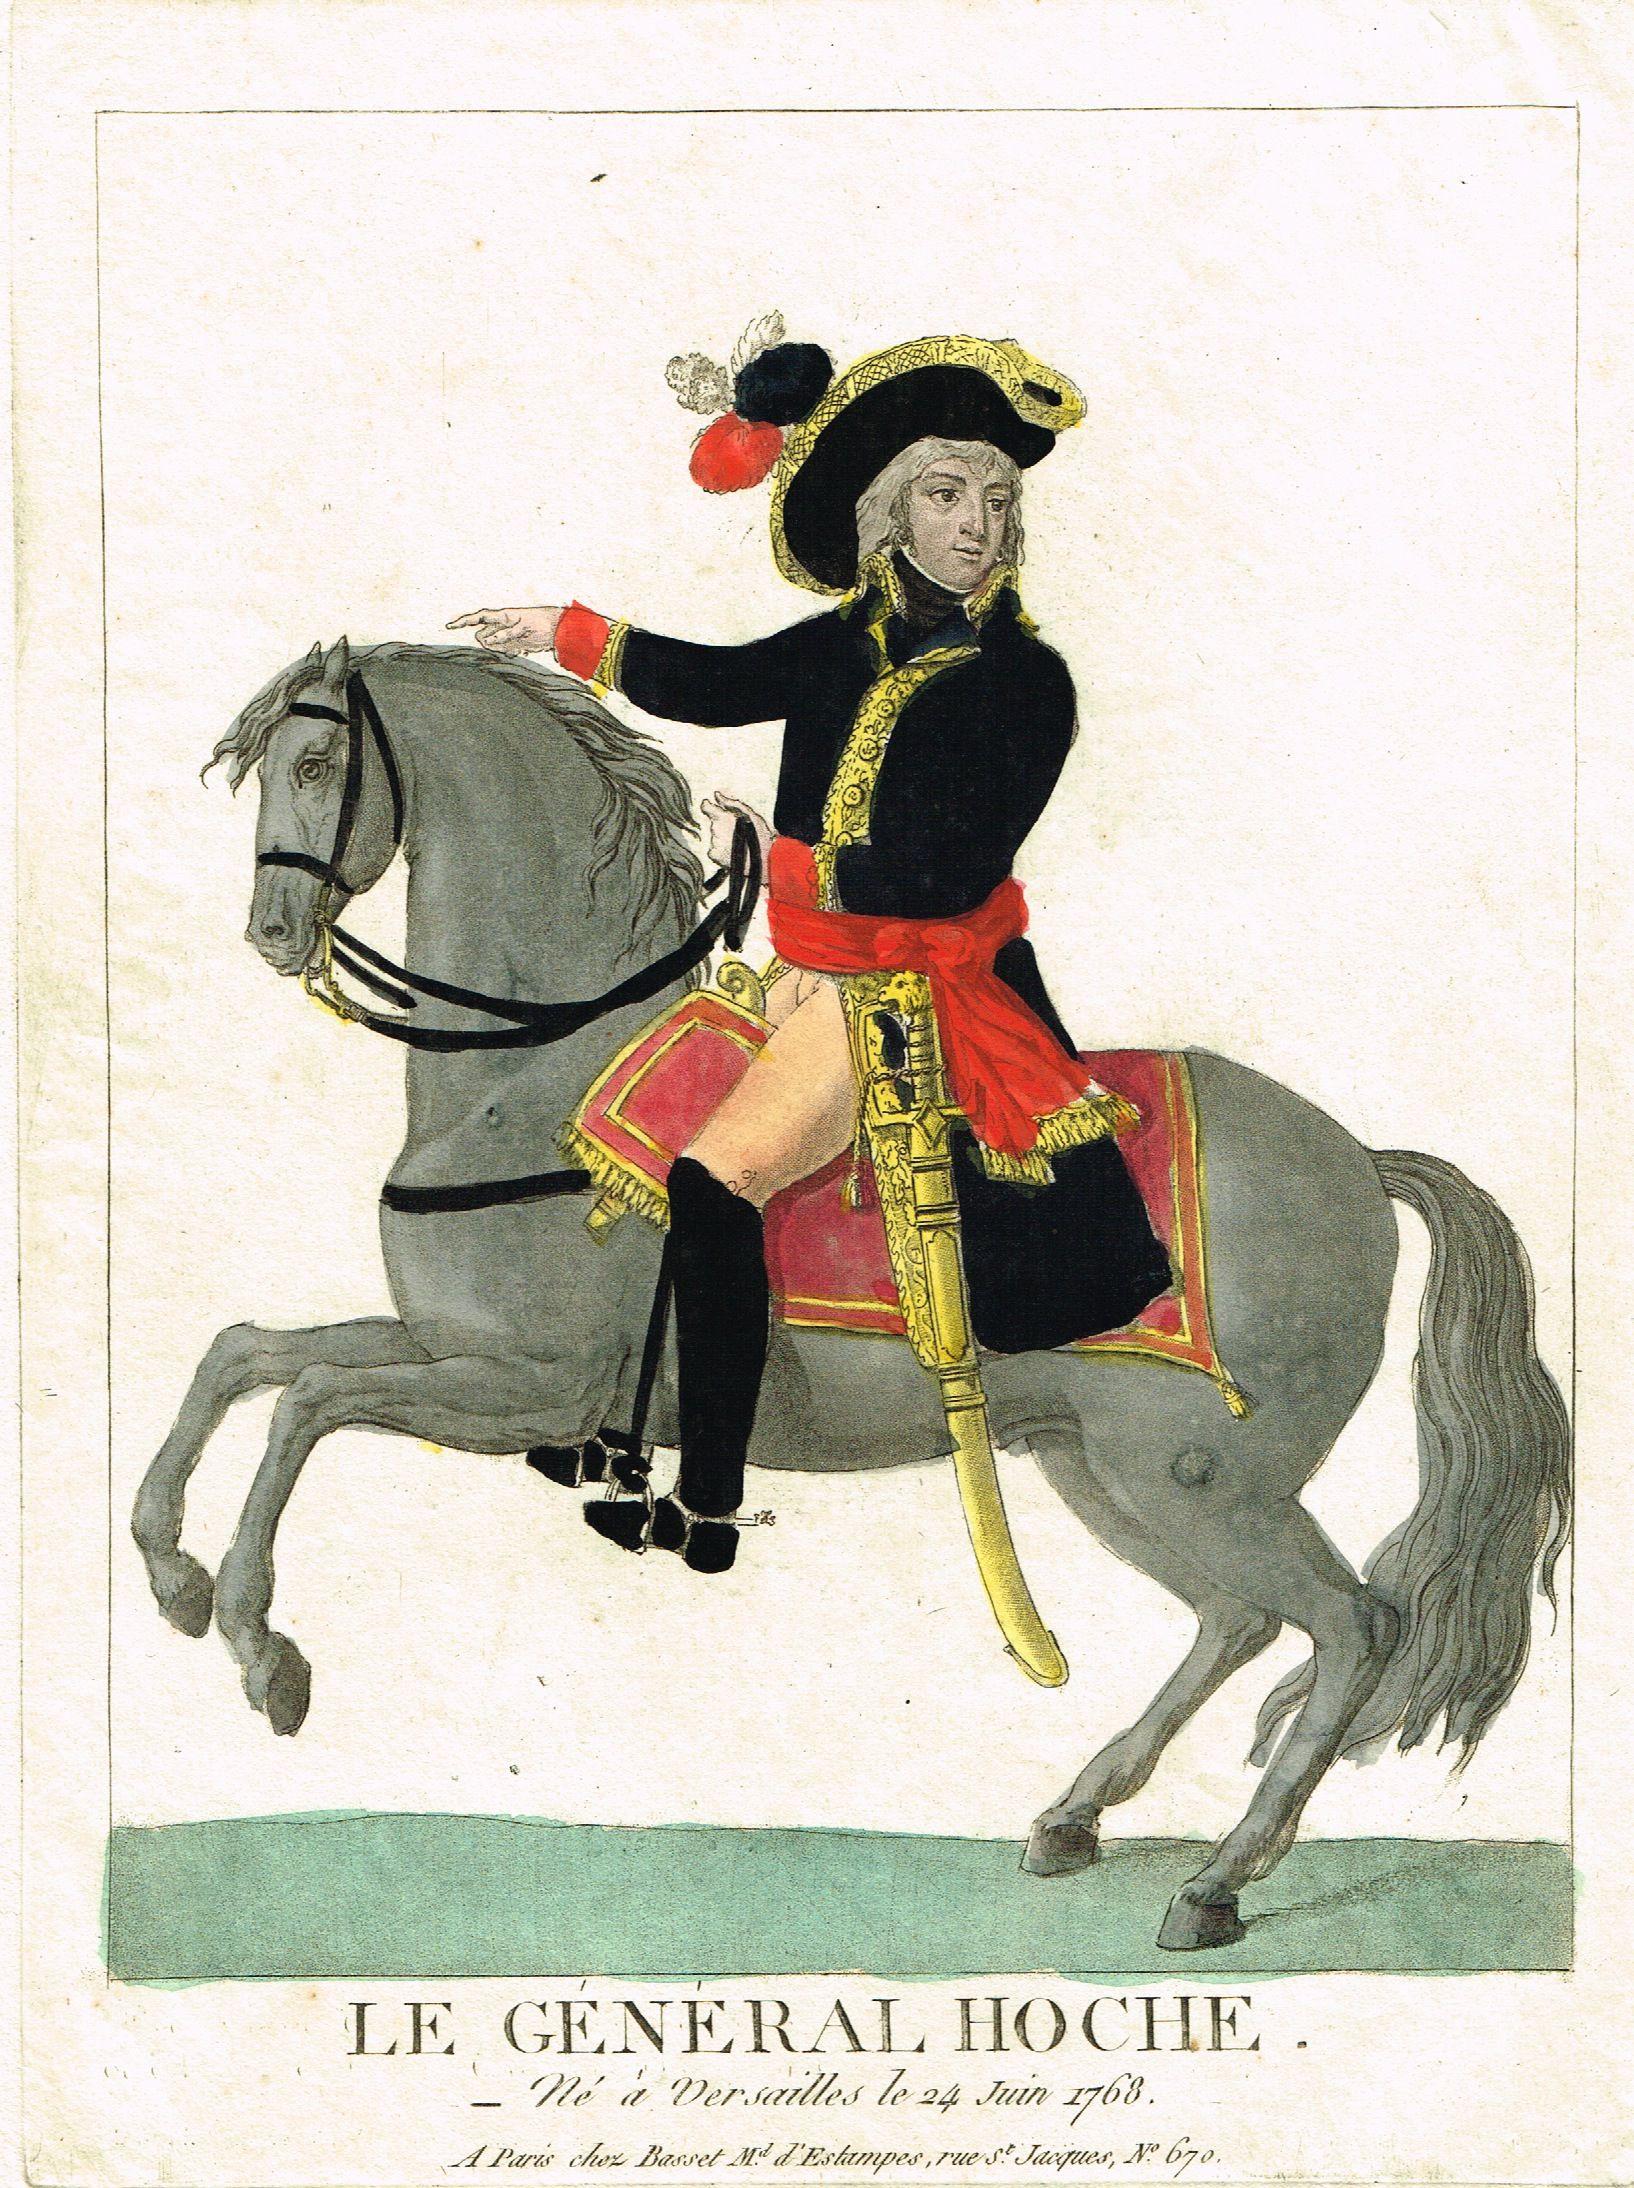 LE GENERAL HOCHE Né à Versailles le 24 Juin 1768 à